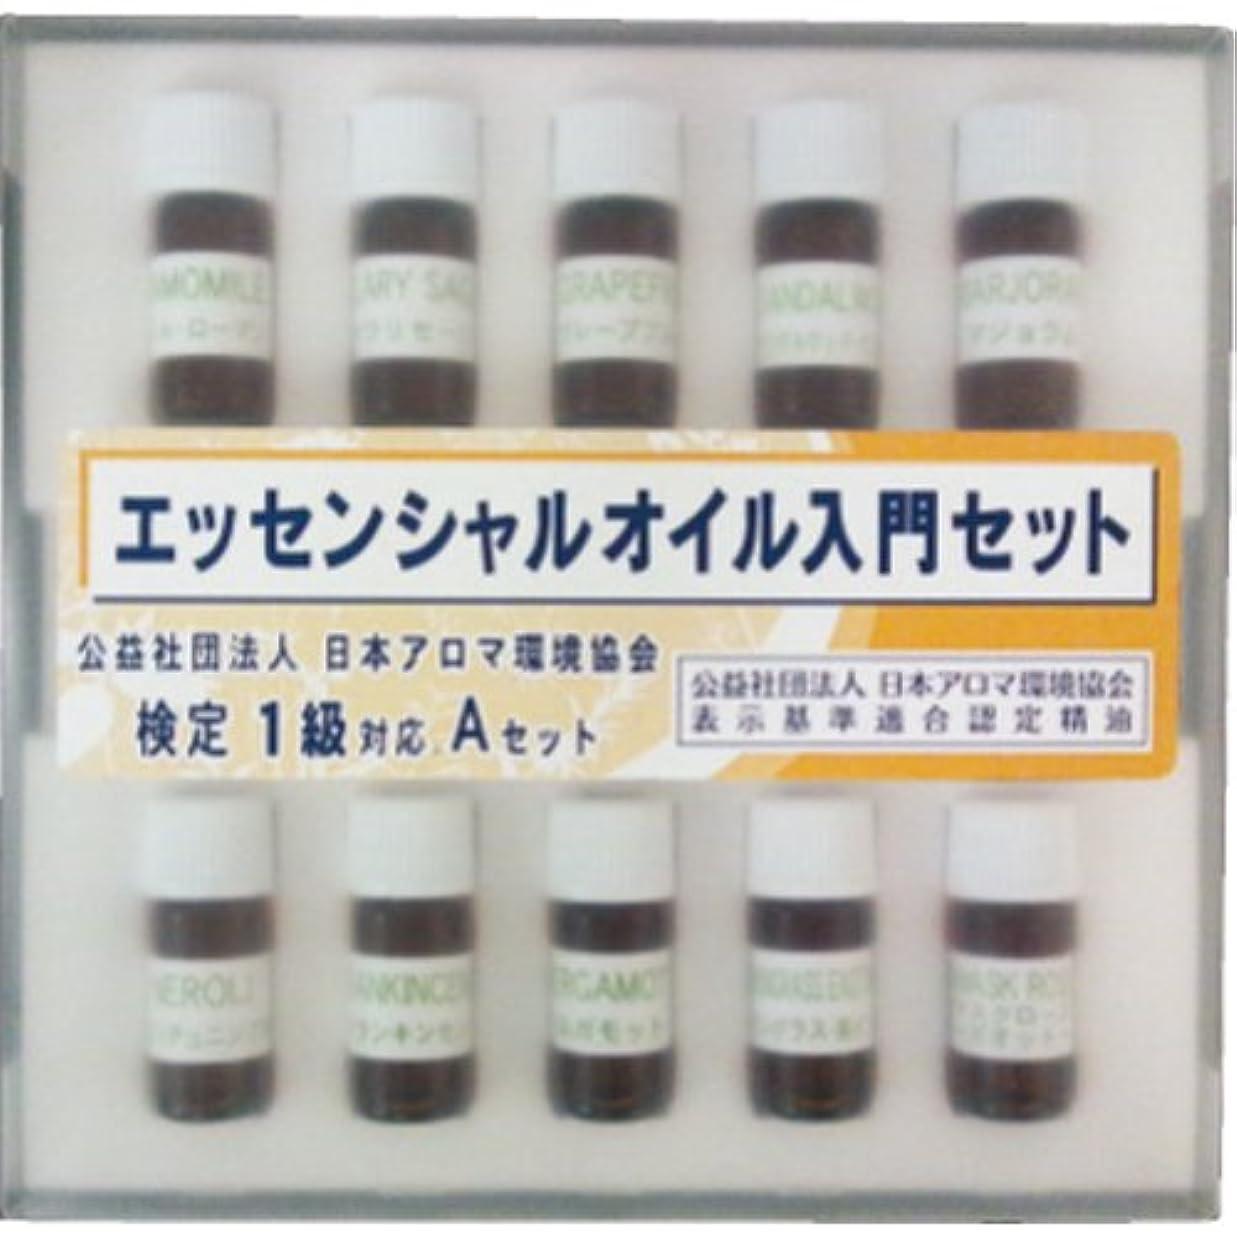 スクラブ嫌い遅い生活の木 (公社)日本アロマ環境協会資格試験対応セット 検定1級対応Aセット